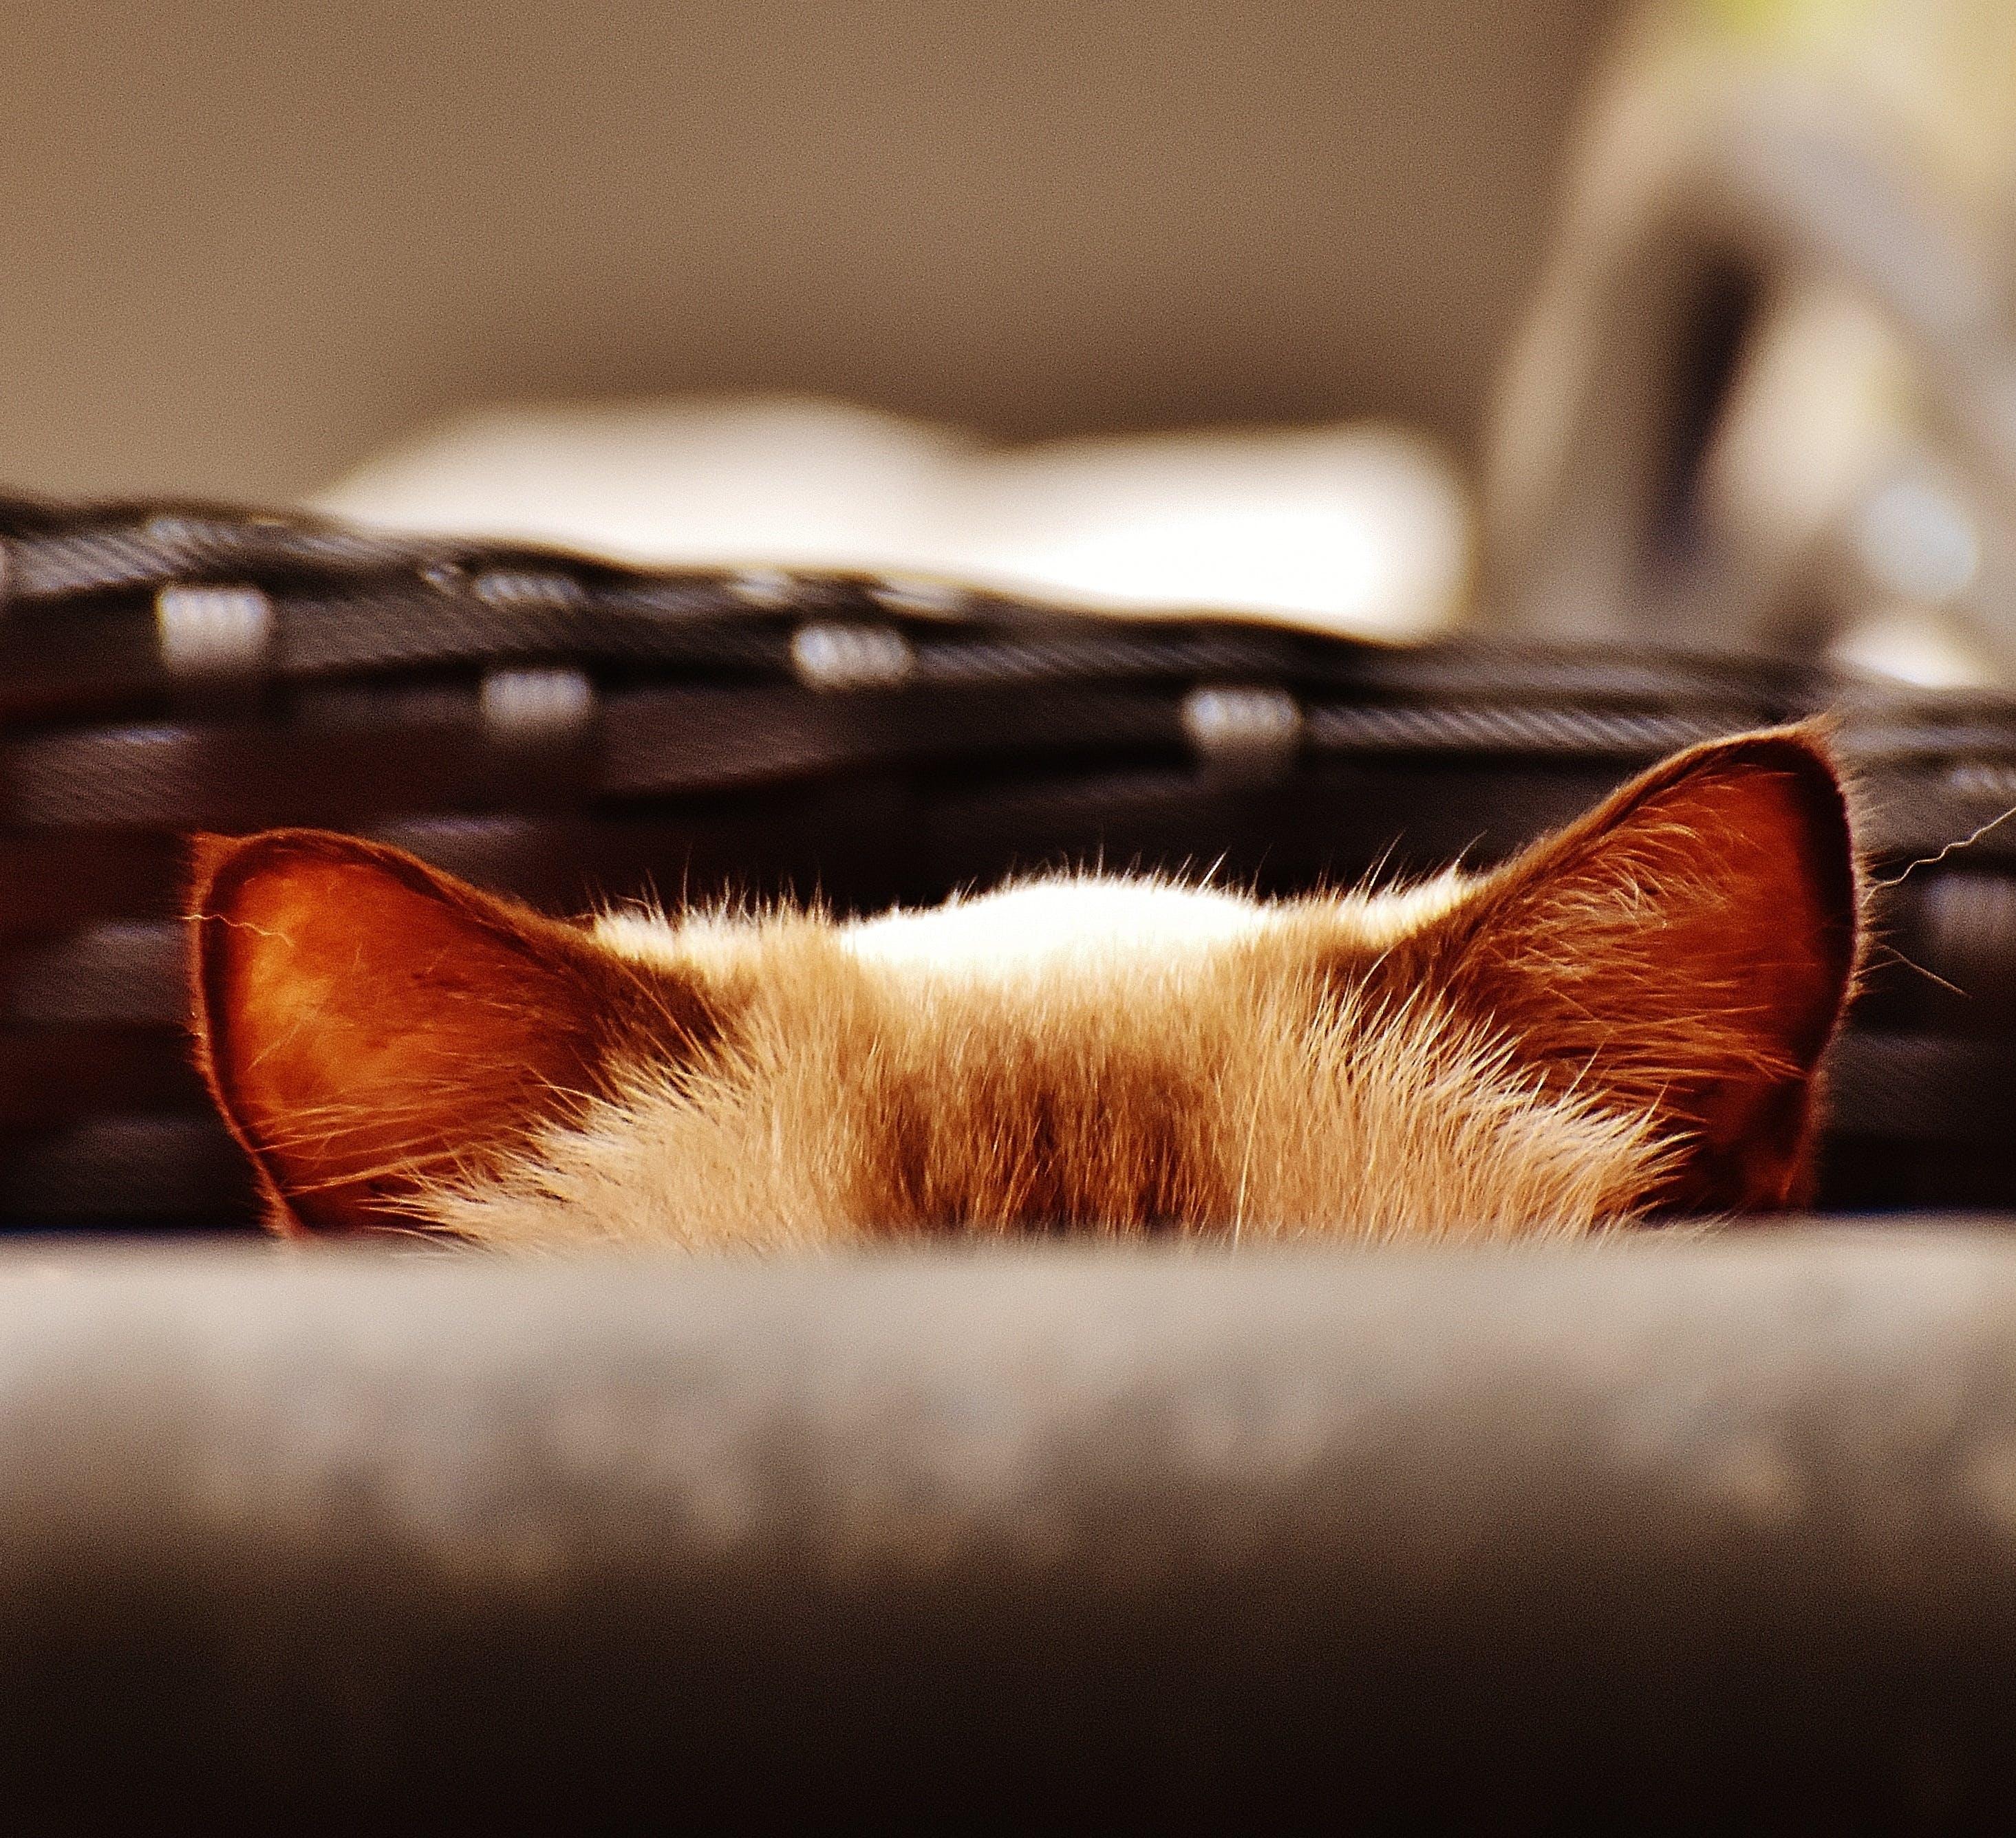 adorable, blur, cat